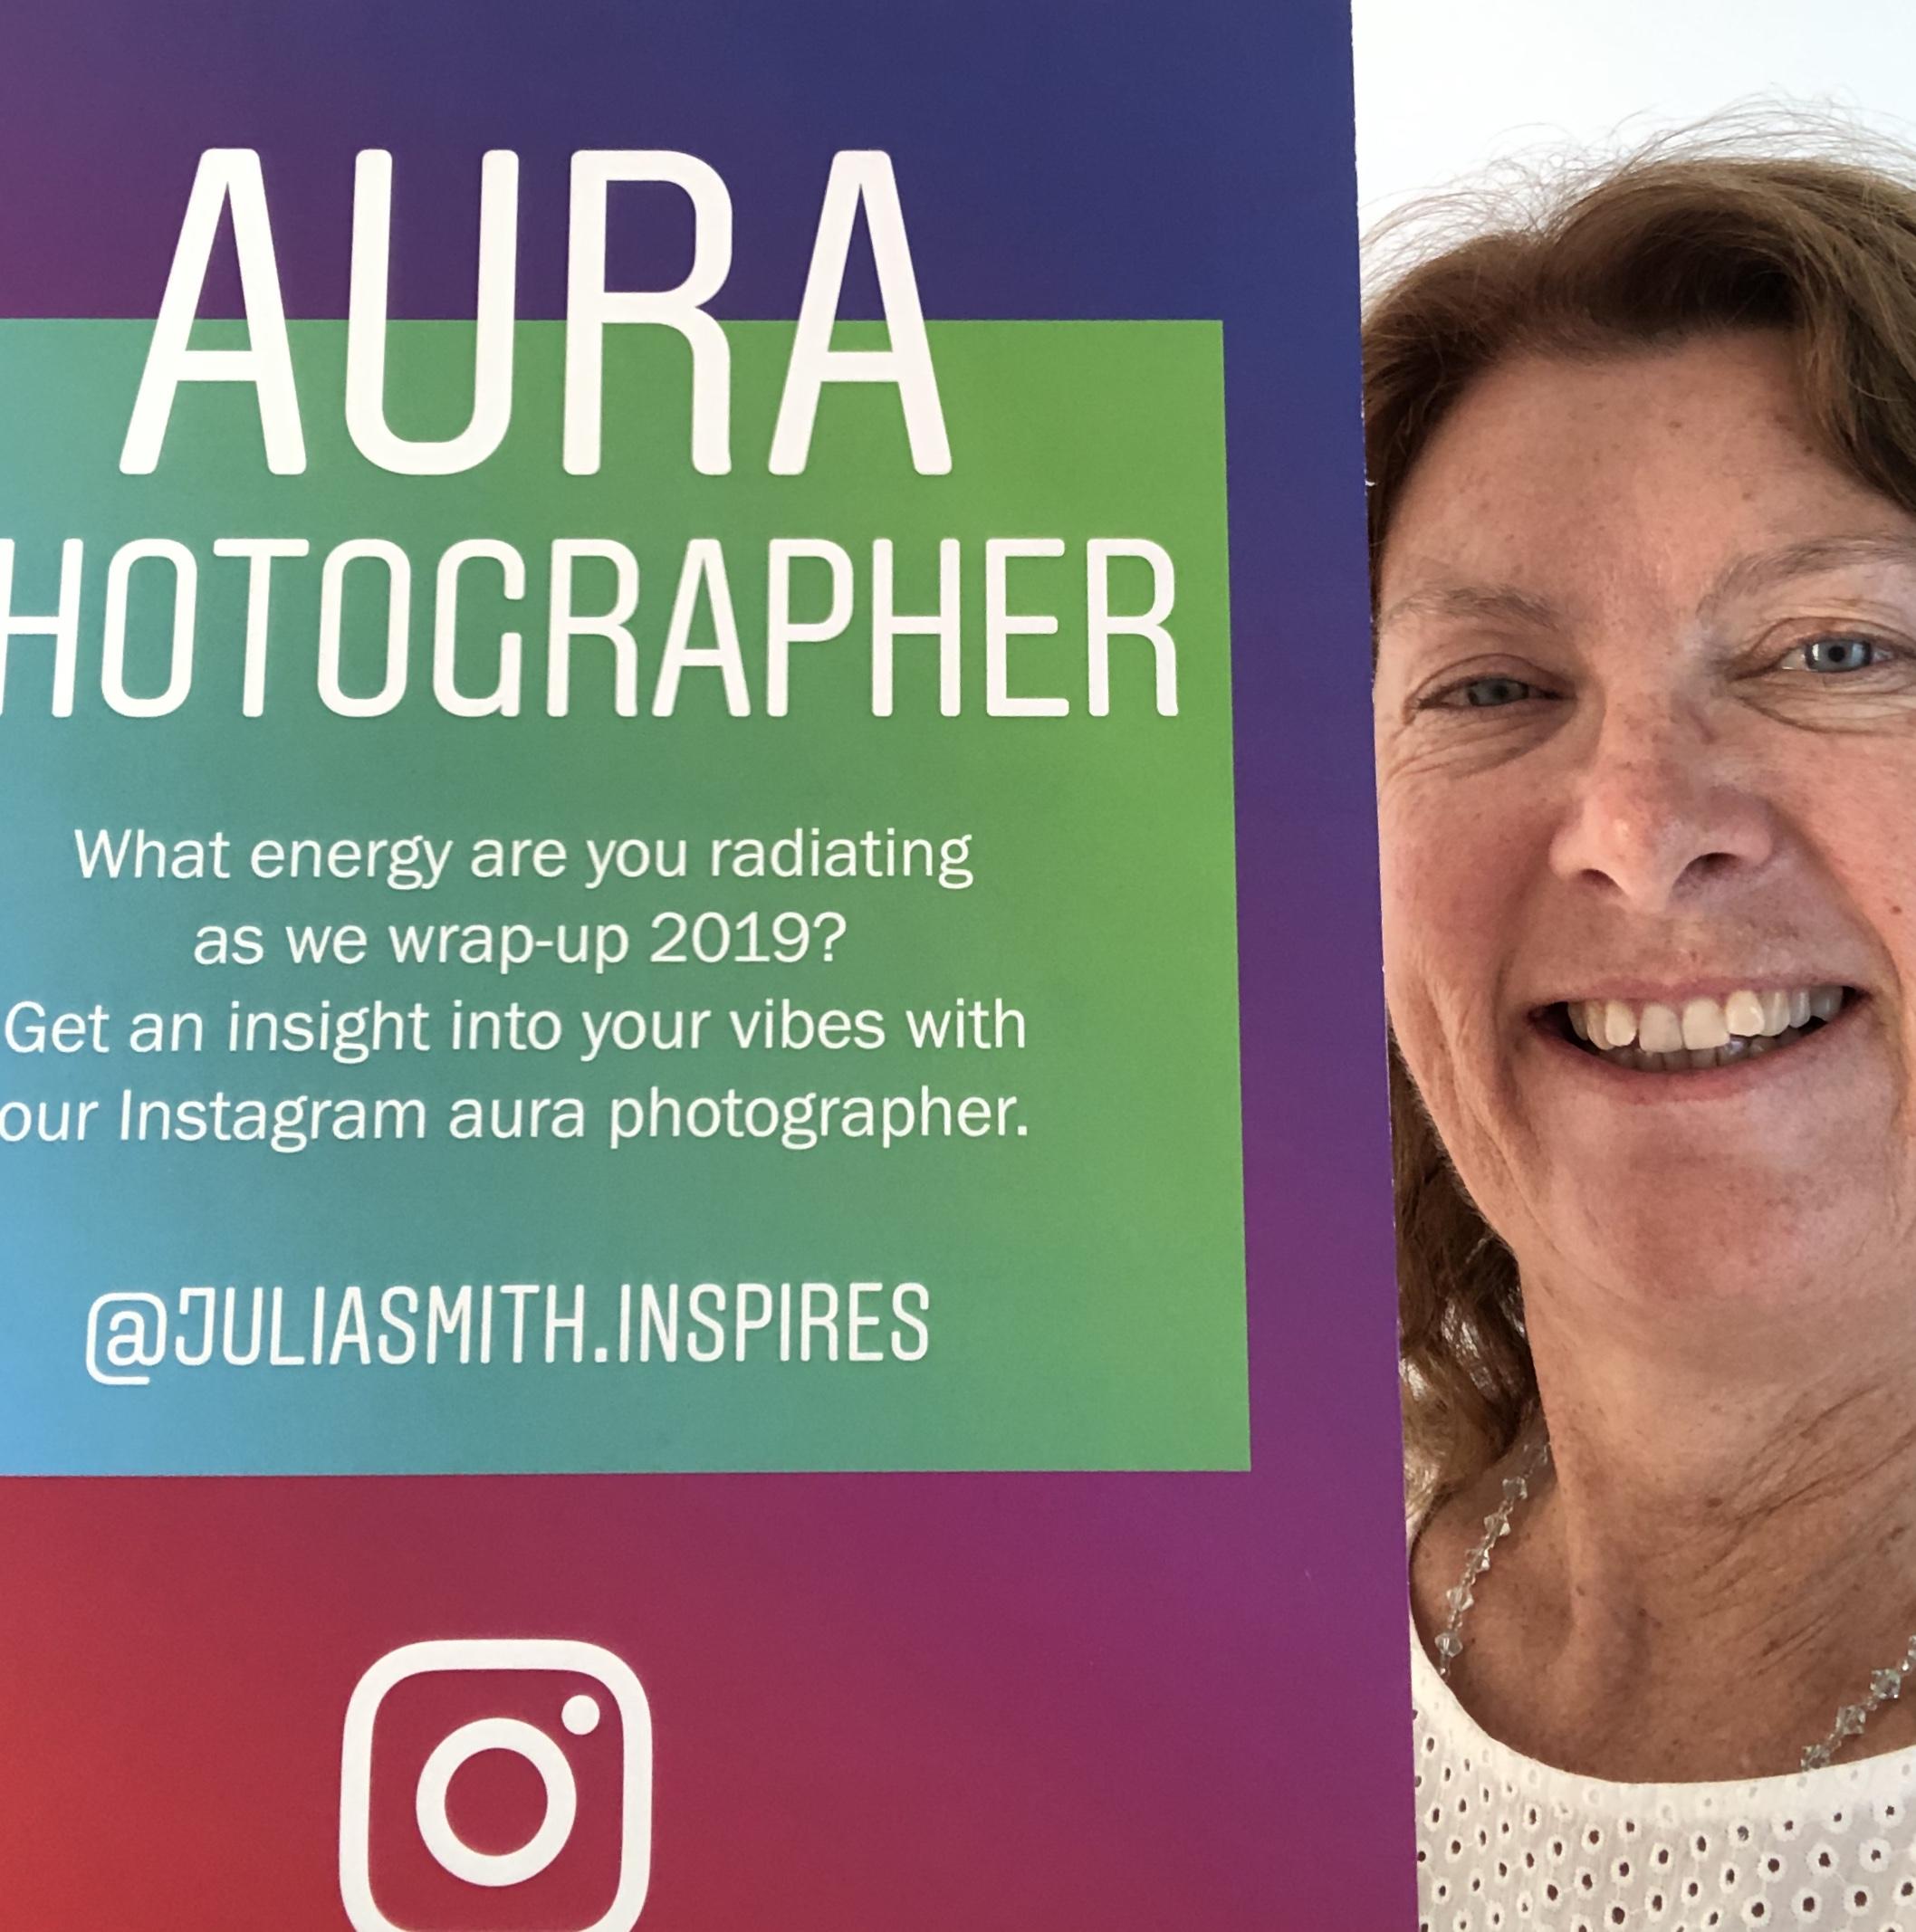 Aura Photography Instragram official 11Dec19